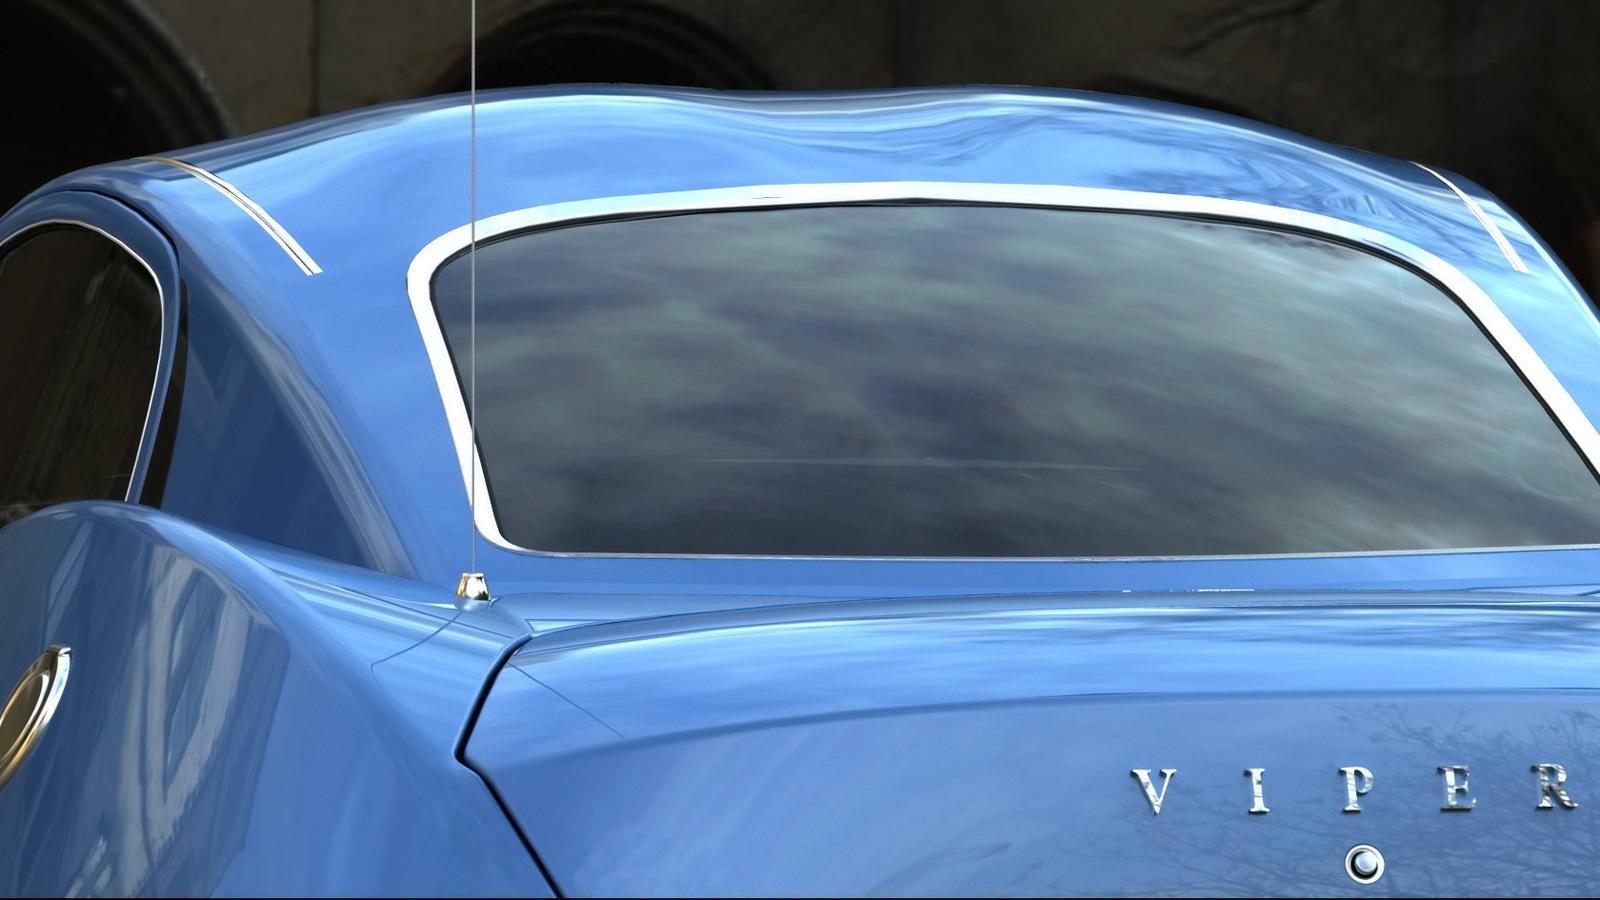 1967 dodge viper concept rafael reston 030